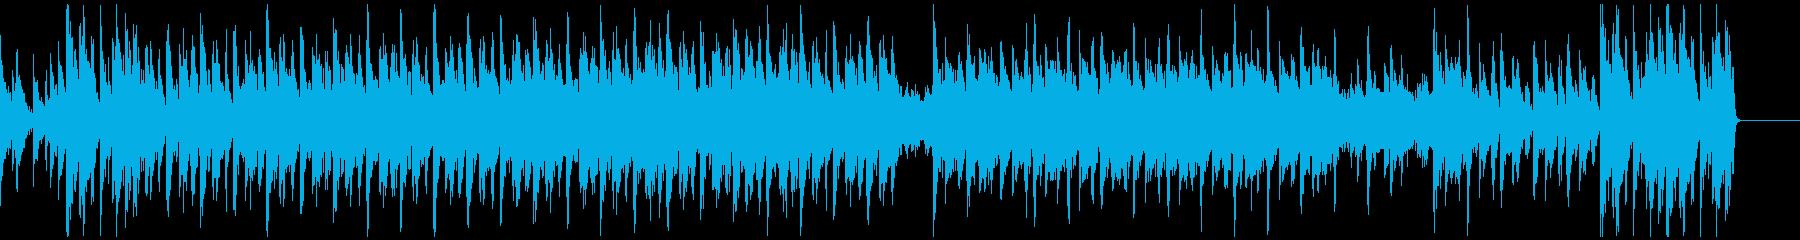 攻撃的、挑戦的な力強いサウンドの再生済みの波形